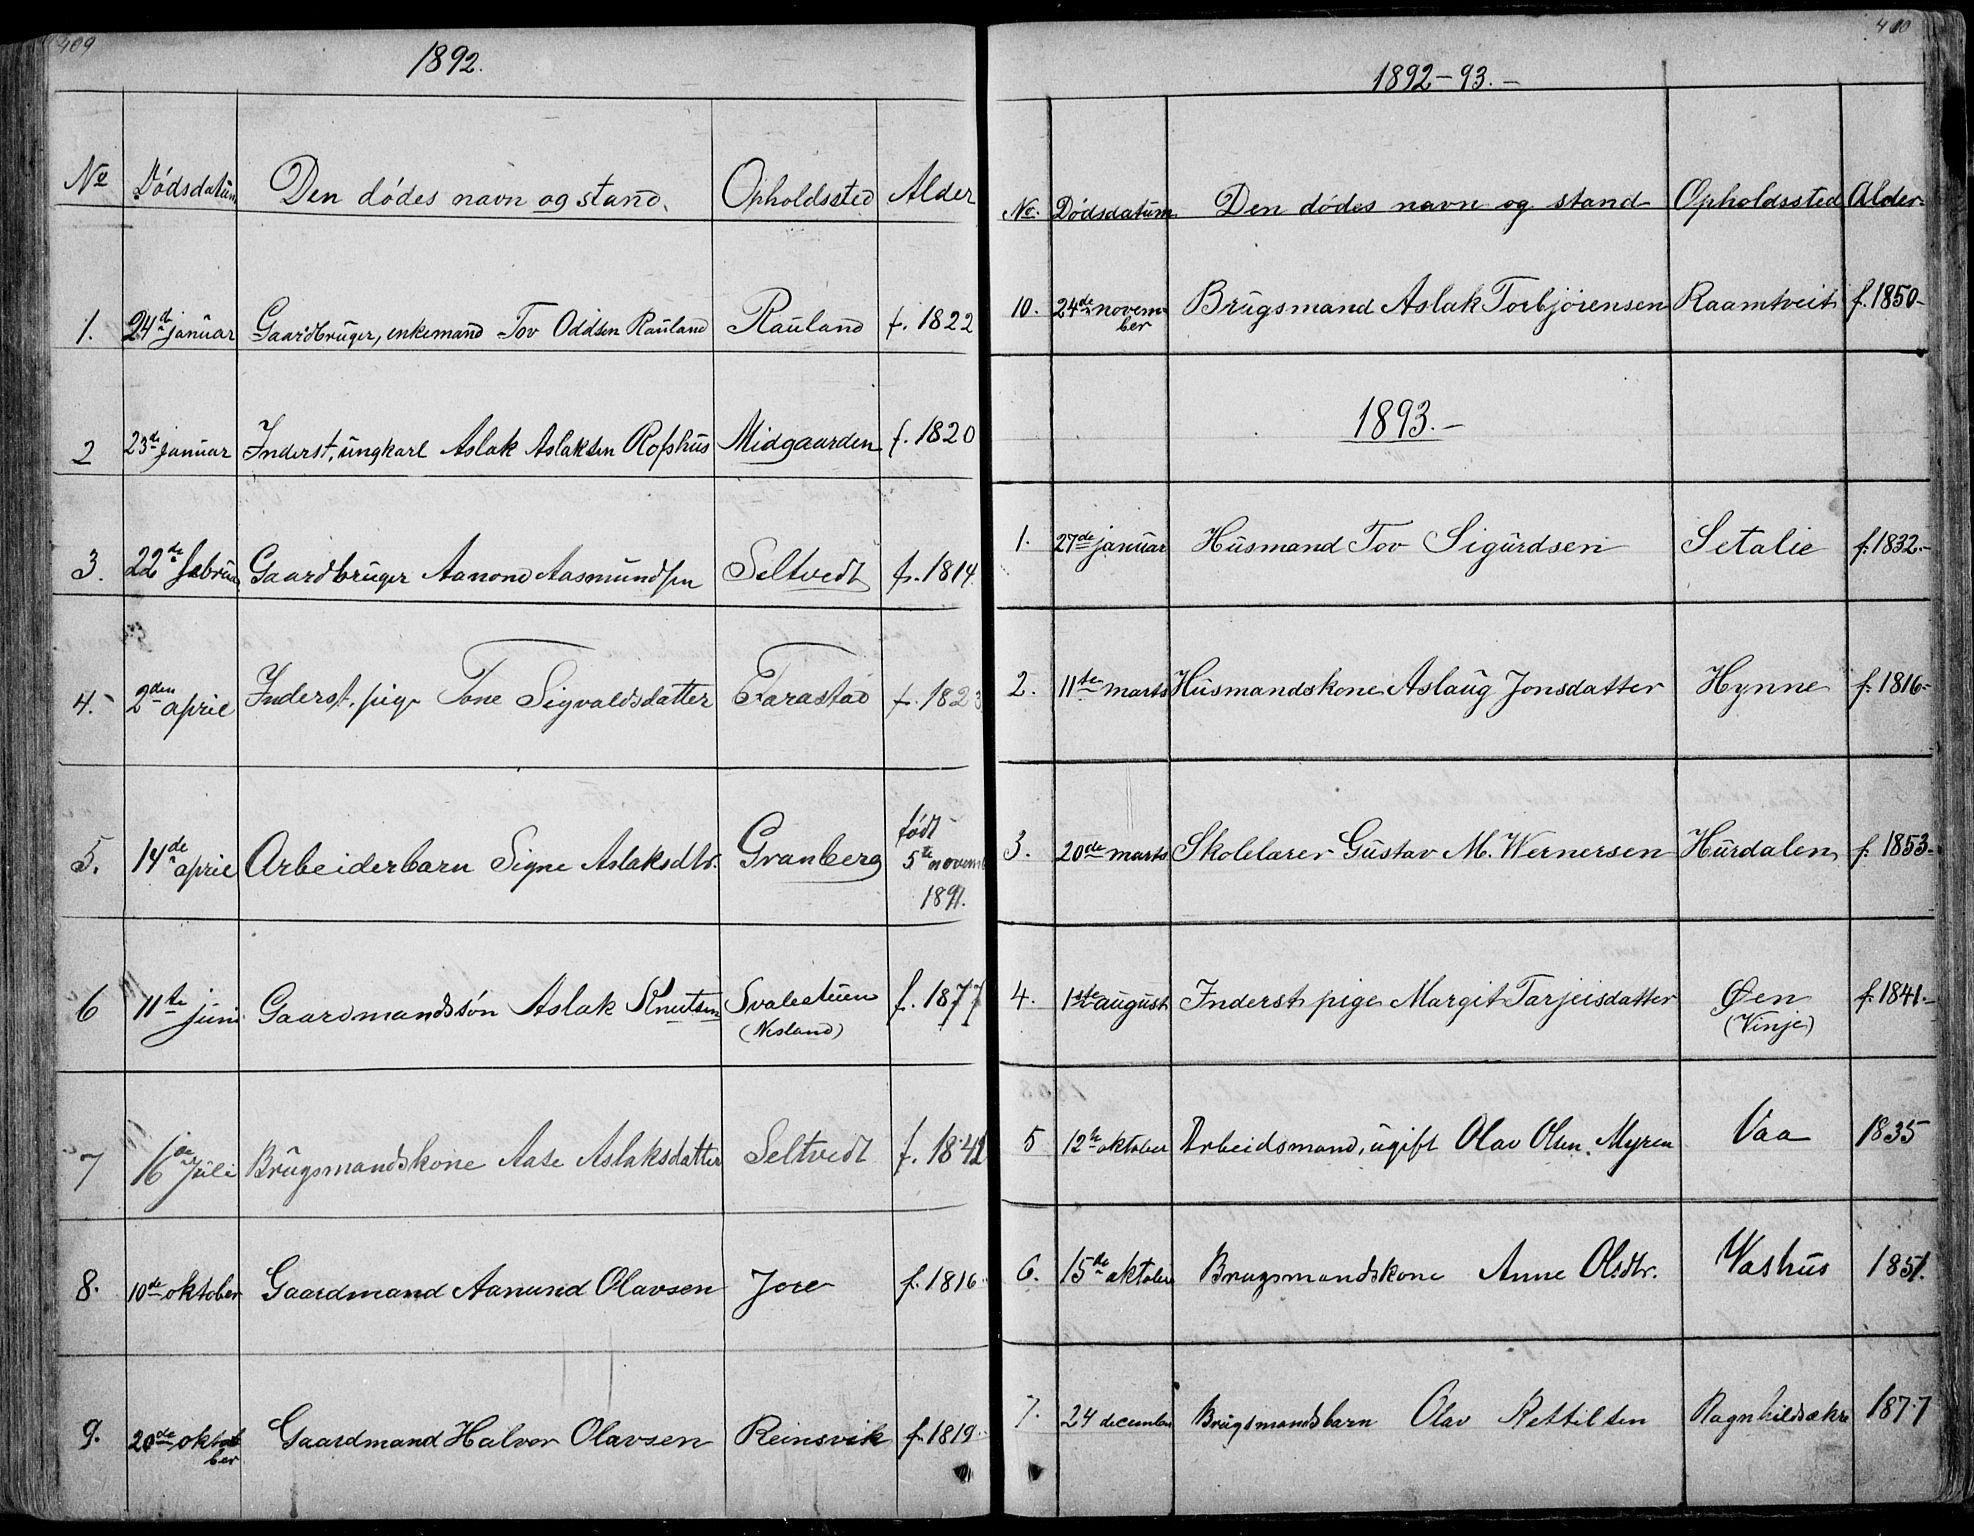 SAKO, Rauland kirkebøker, G/Ga/L0002: Klokkerbok nr. I 2, 1849-1935, s. 409-410